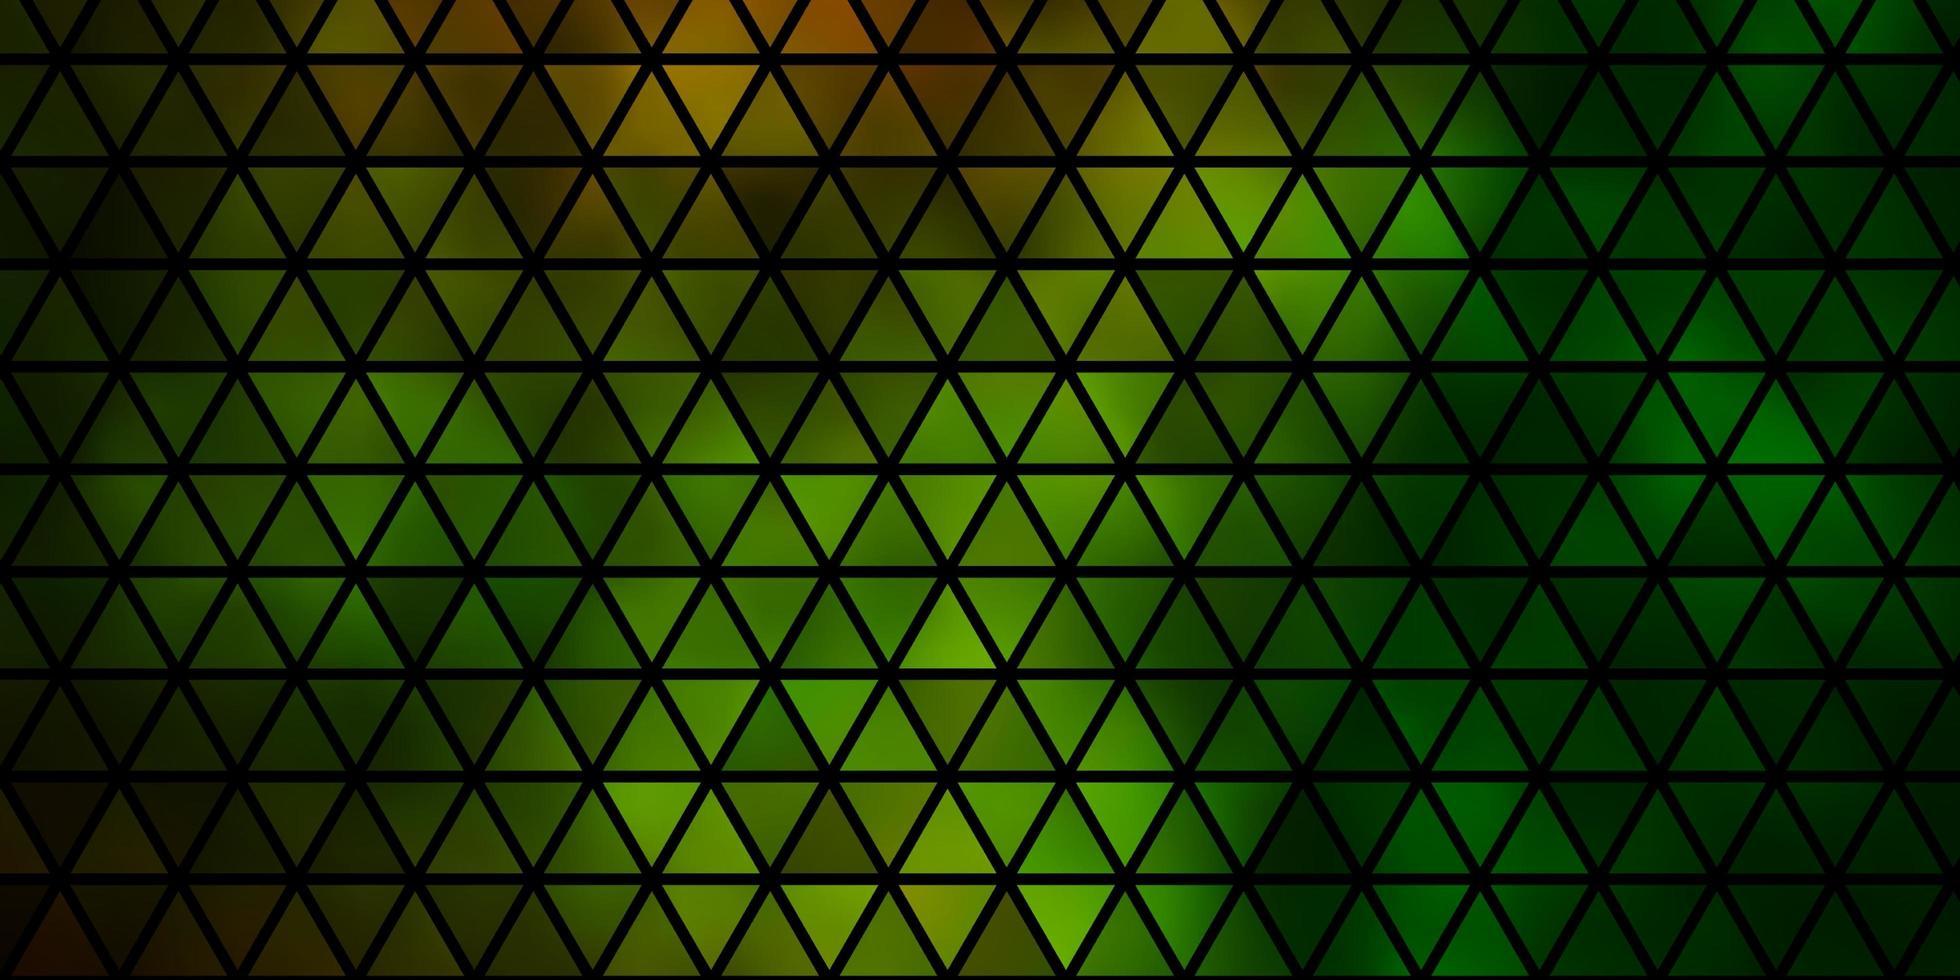 dunkelgrüner, gelber Vektorhintergrund mit Linien, Dreiecken. vektor